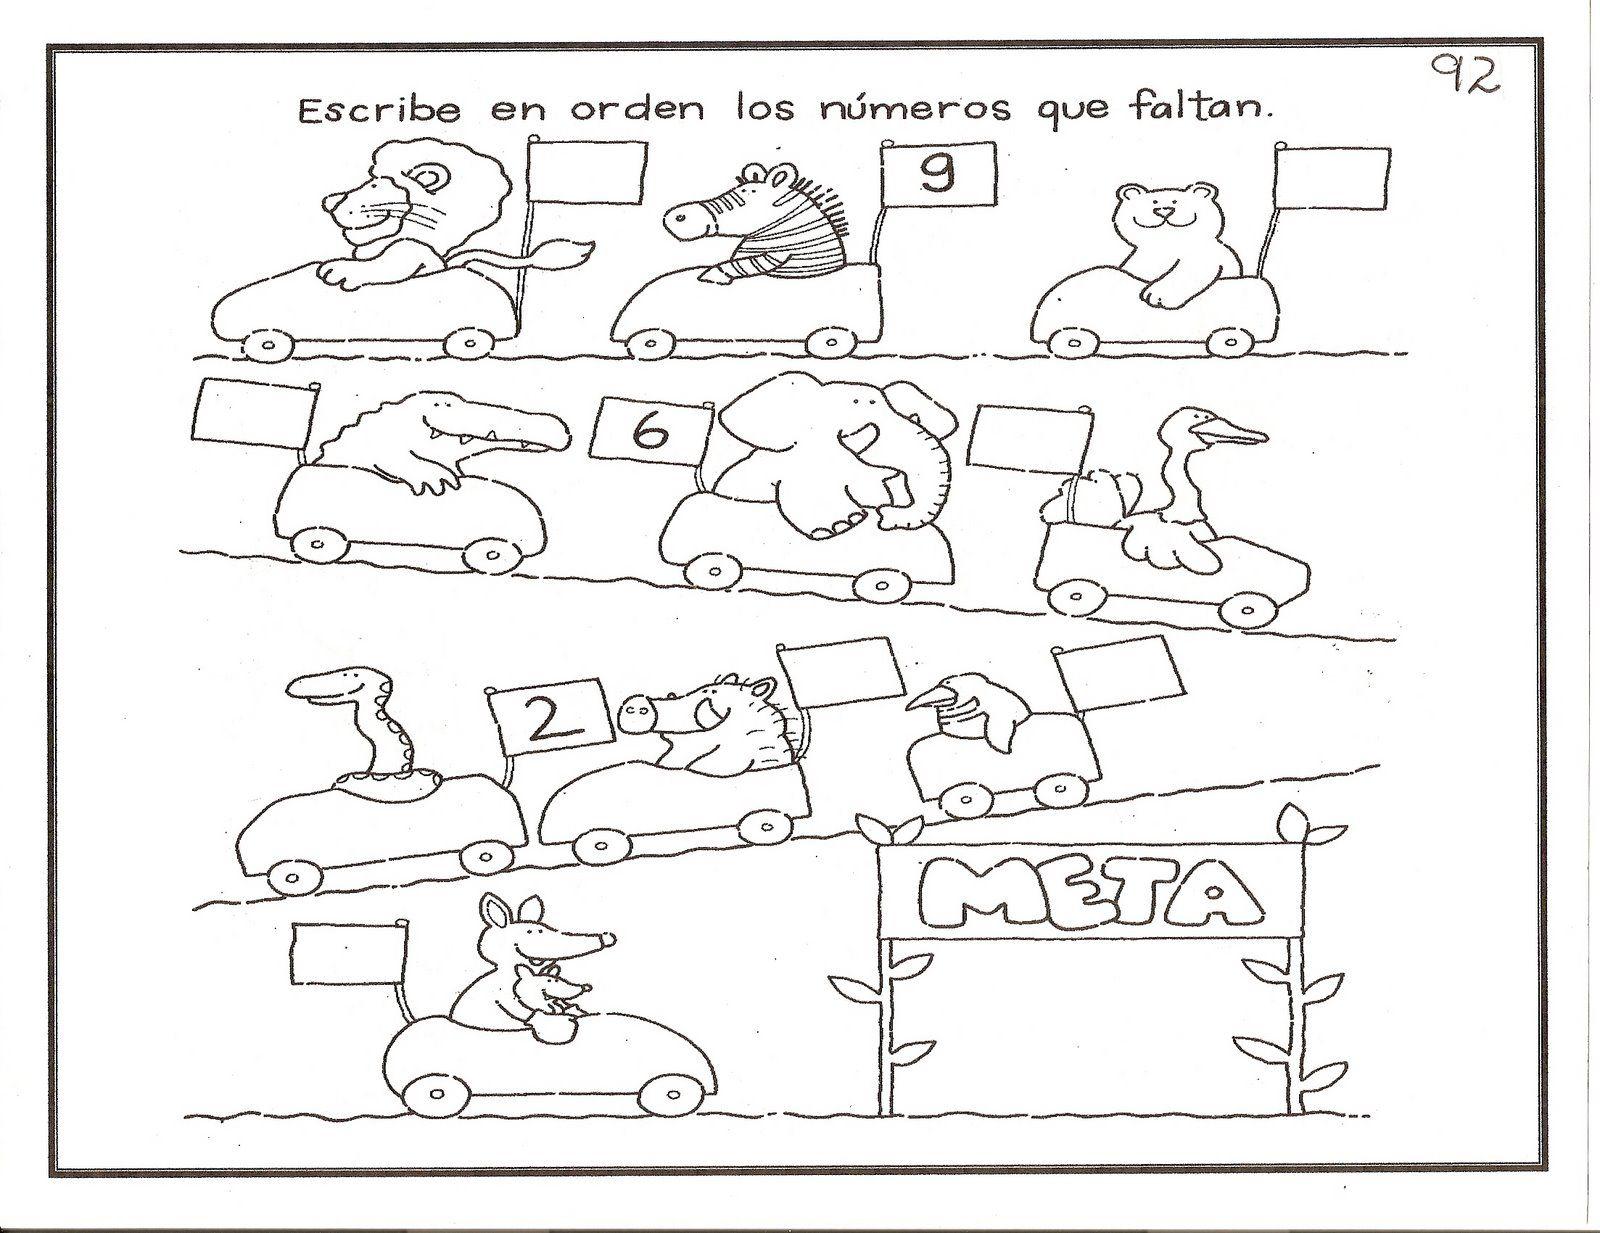 Dibujos Para Colorear Para Ninos De 5 A 6 Anos: Recursos Para El Aula: Fichas Para Niños De 3-6 Años